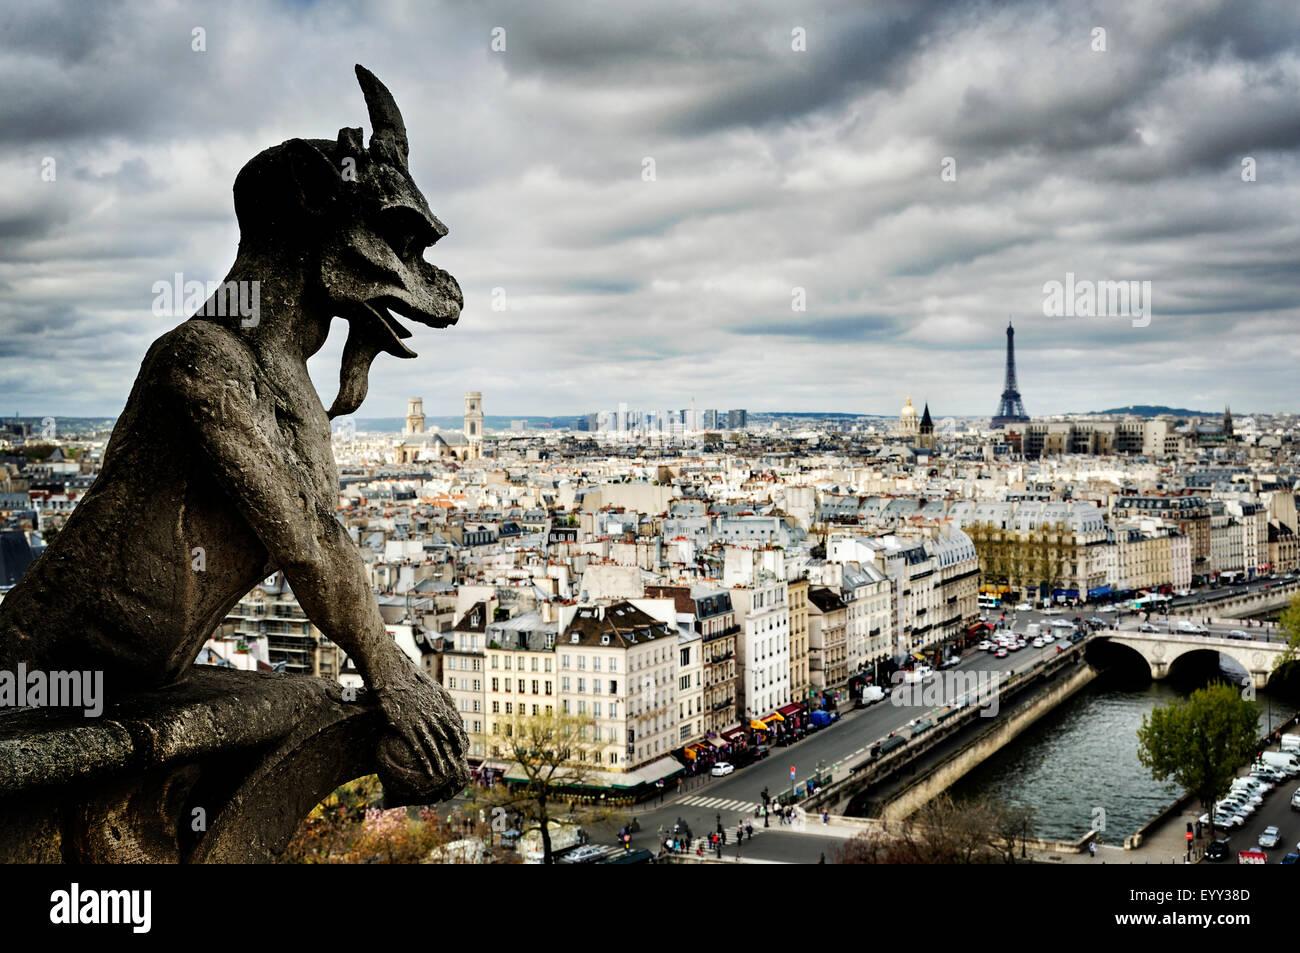 Gargoyle scultura su Parigi cityscape, Ile-de-France, Francia Immagini Stock